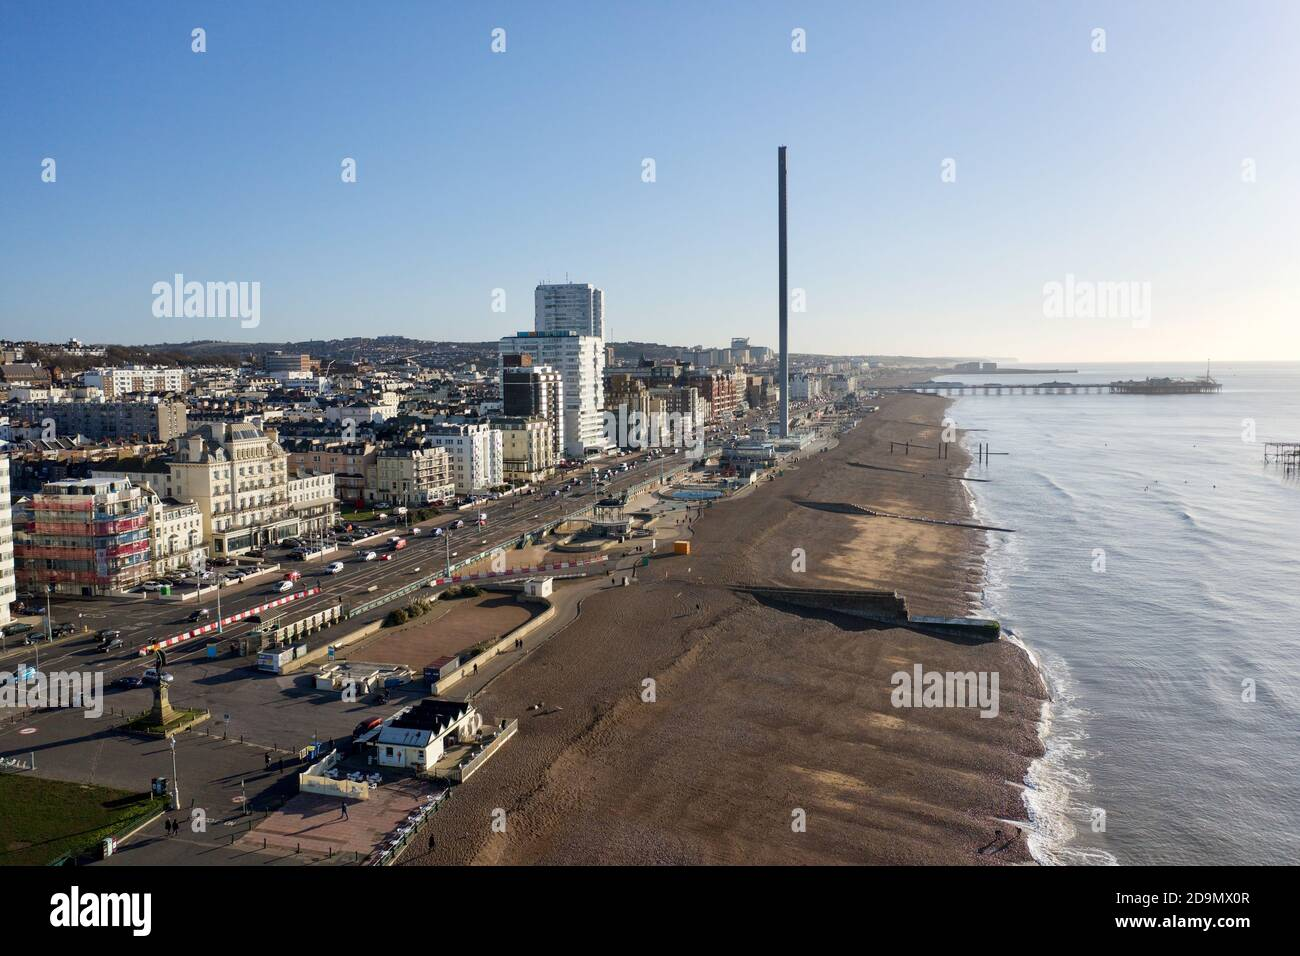 Vista aérea a lo largo y sobre el paseo marítimo de la ciudad de Brighton con las famosas atracciones de este popular complejo. Foto de stock